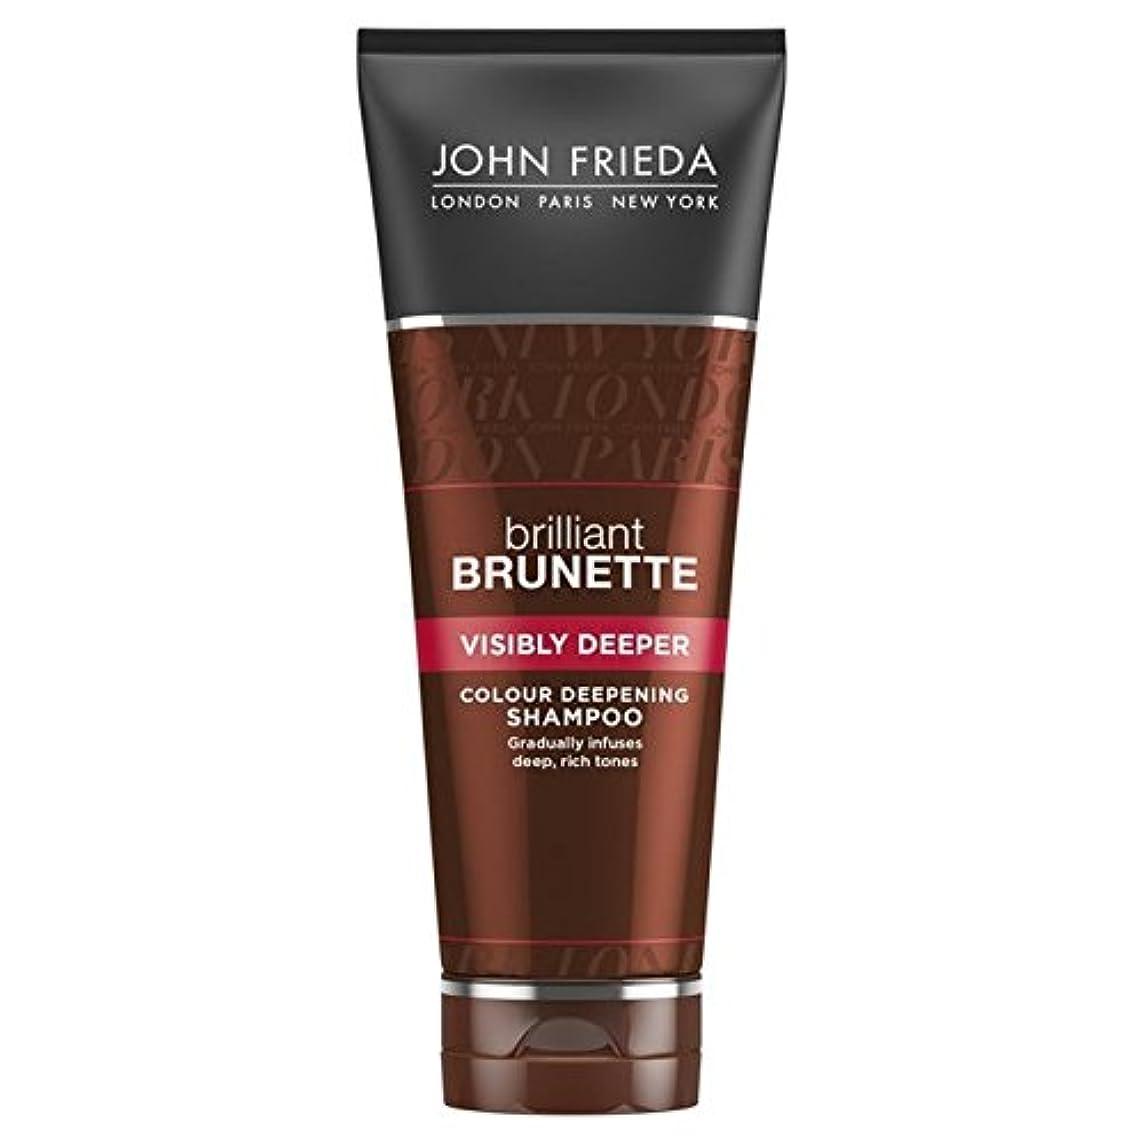 ゲート忠実線形ジョン?フリーダ華麗なブルネット目に見えてより深いシャンプー250 x4 - John Frieda Brilliant Brunette Visibly Deeper Shampoo 250ml (Pack of 4) [並行輸入品]